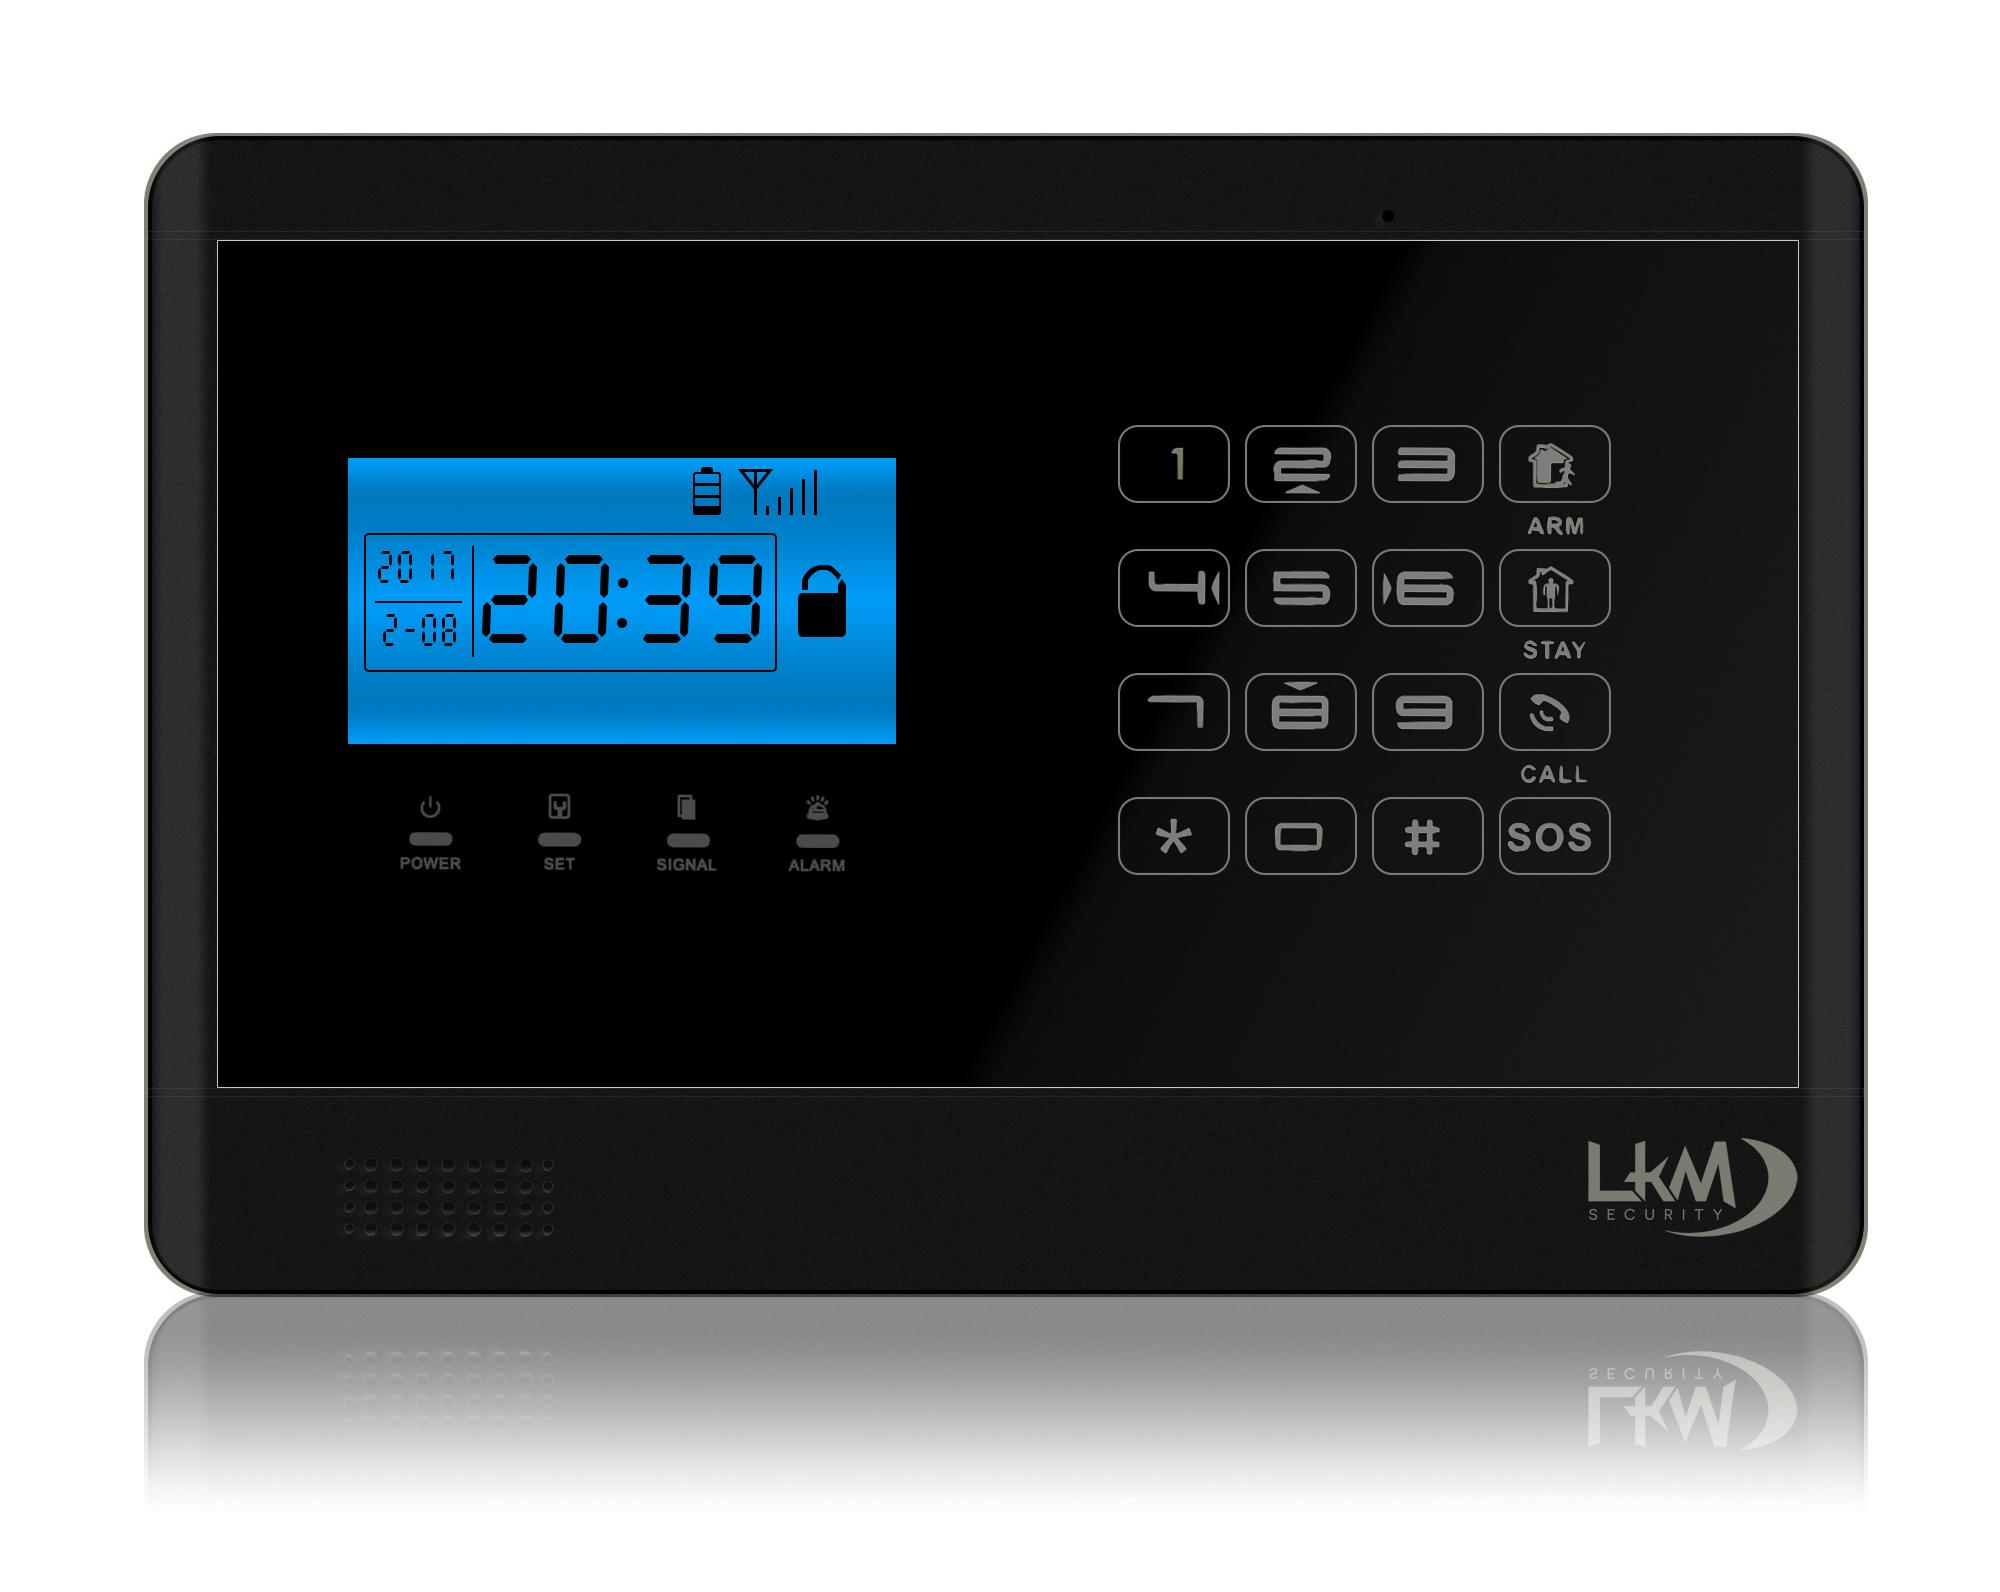 Allarme casa lkm security antifurto wireless senza fili - Allarme per casa prezzi ...